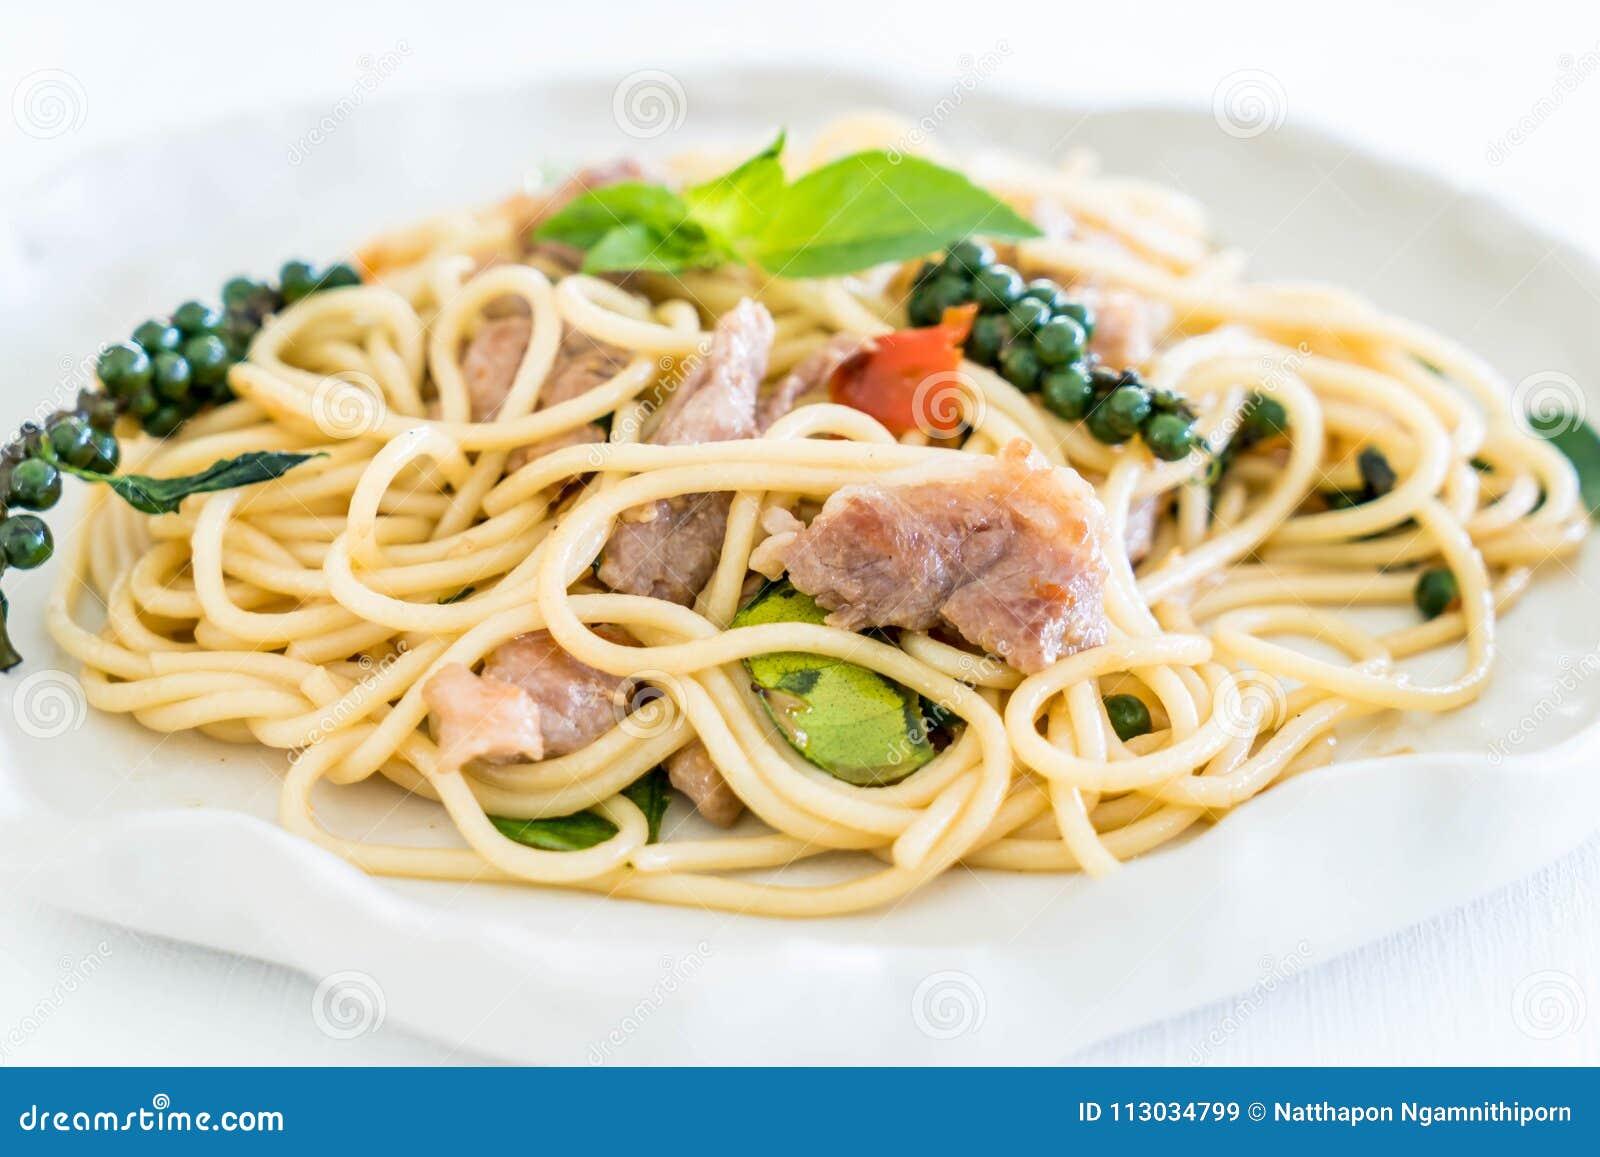 Espaguetis picantes sofritos con cerdo